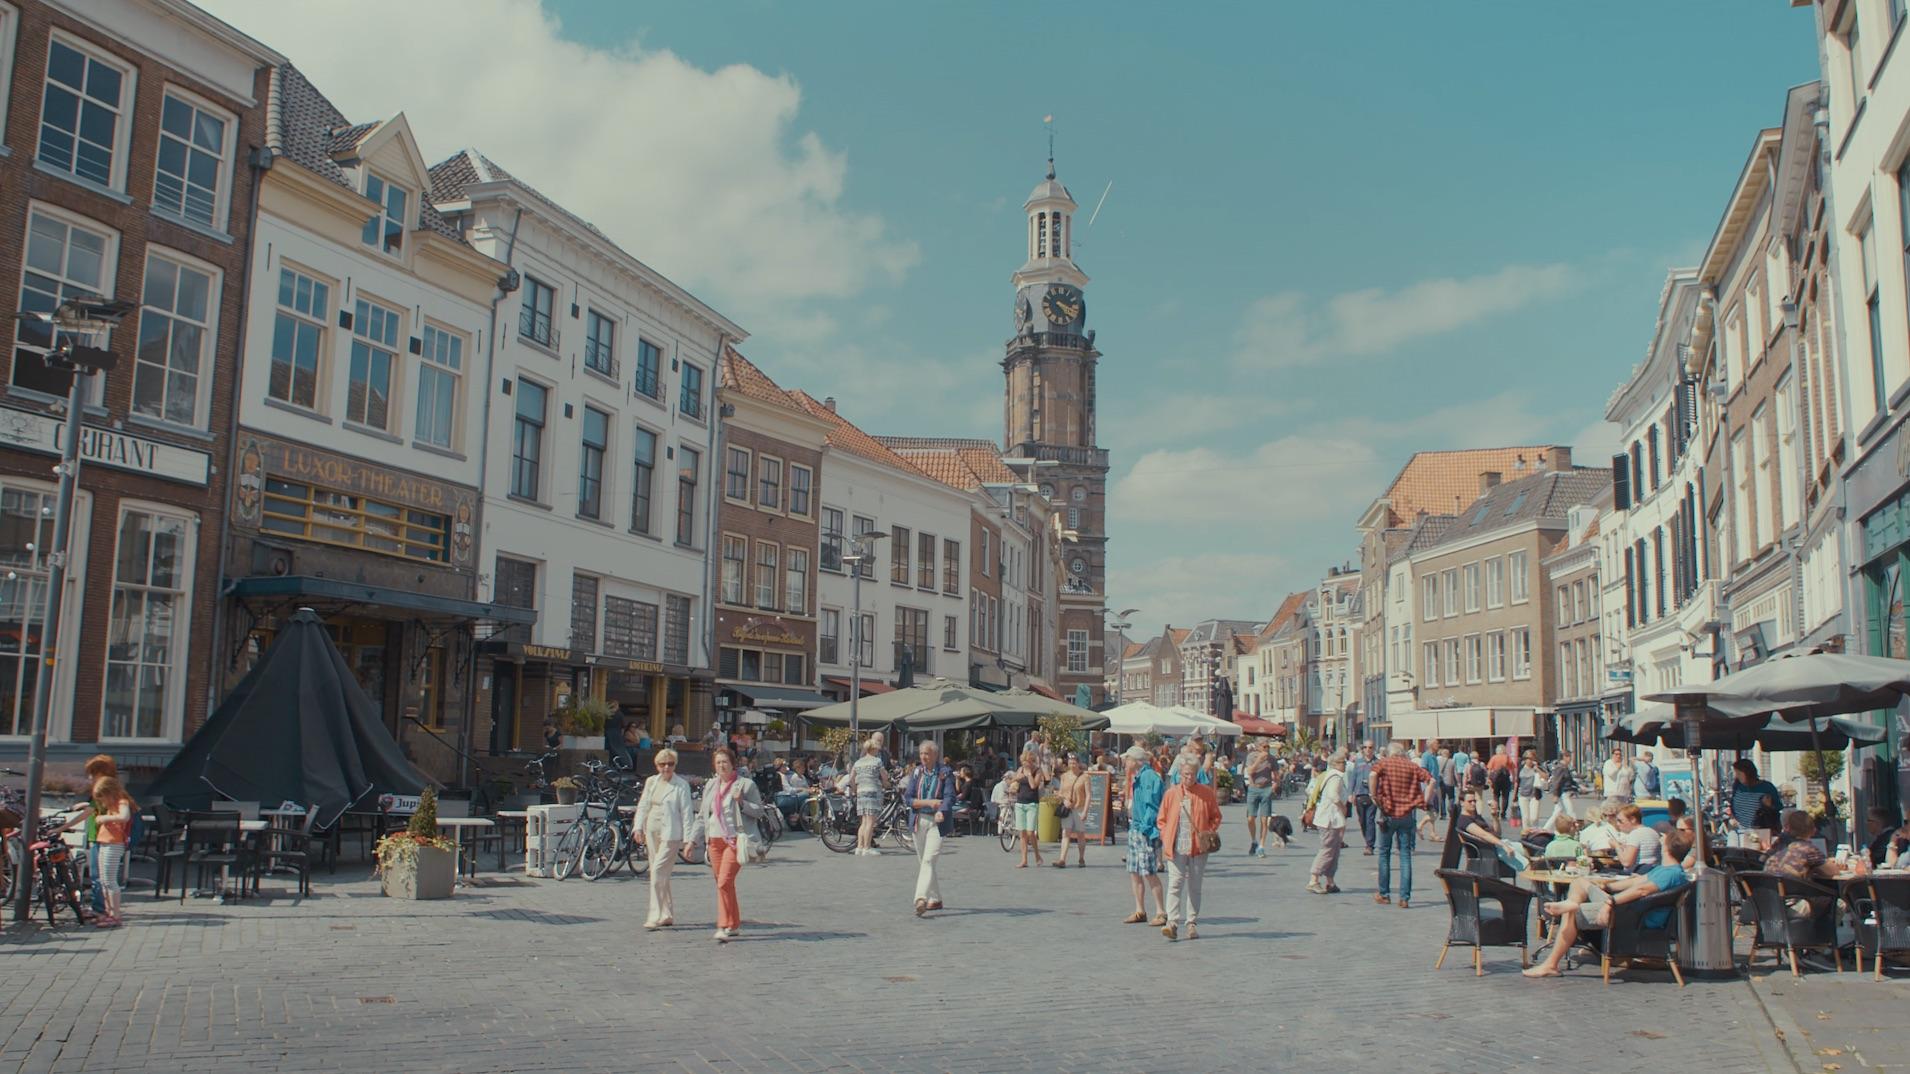 Binnenstad Zutphen Wijnhuistoren Houtmarkt Terrassen zomer